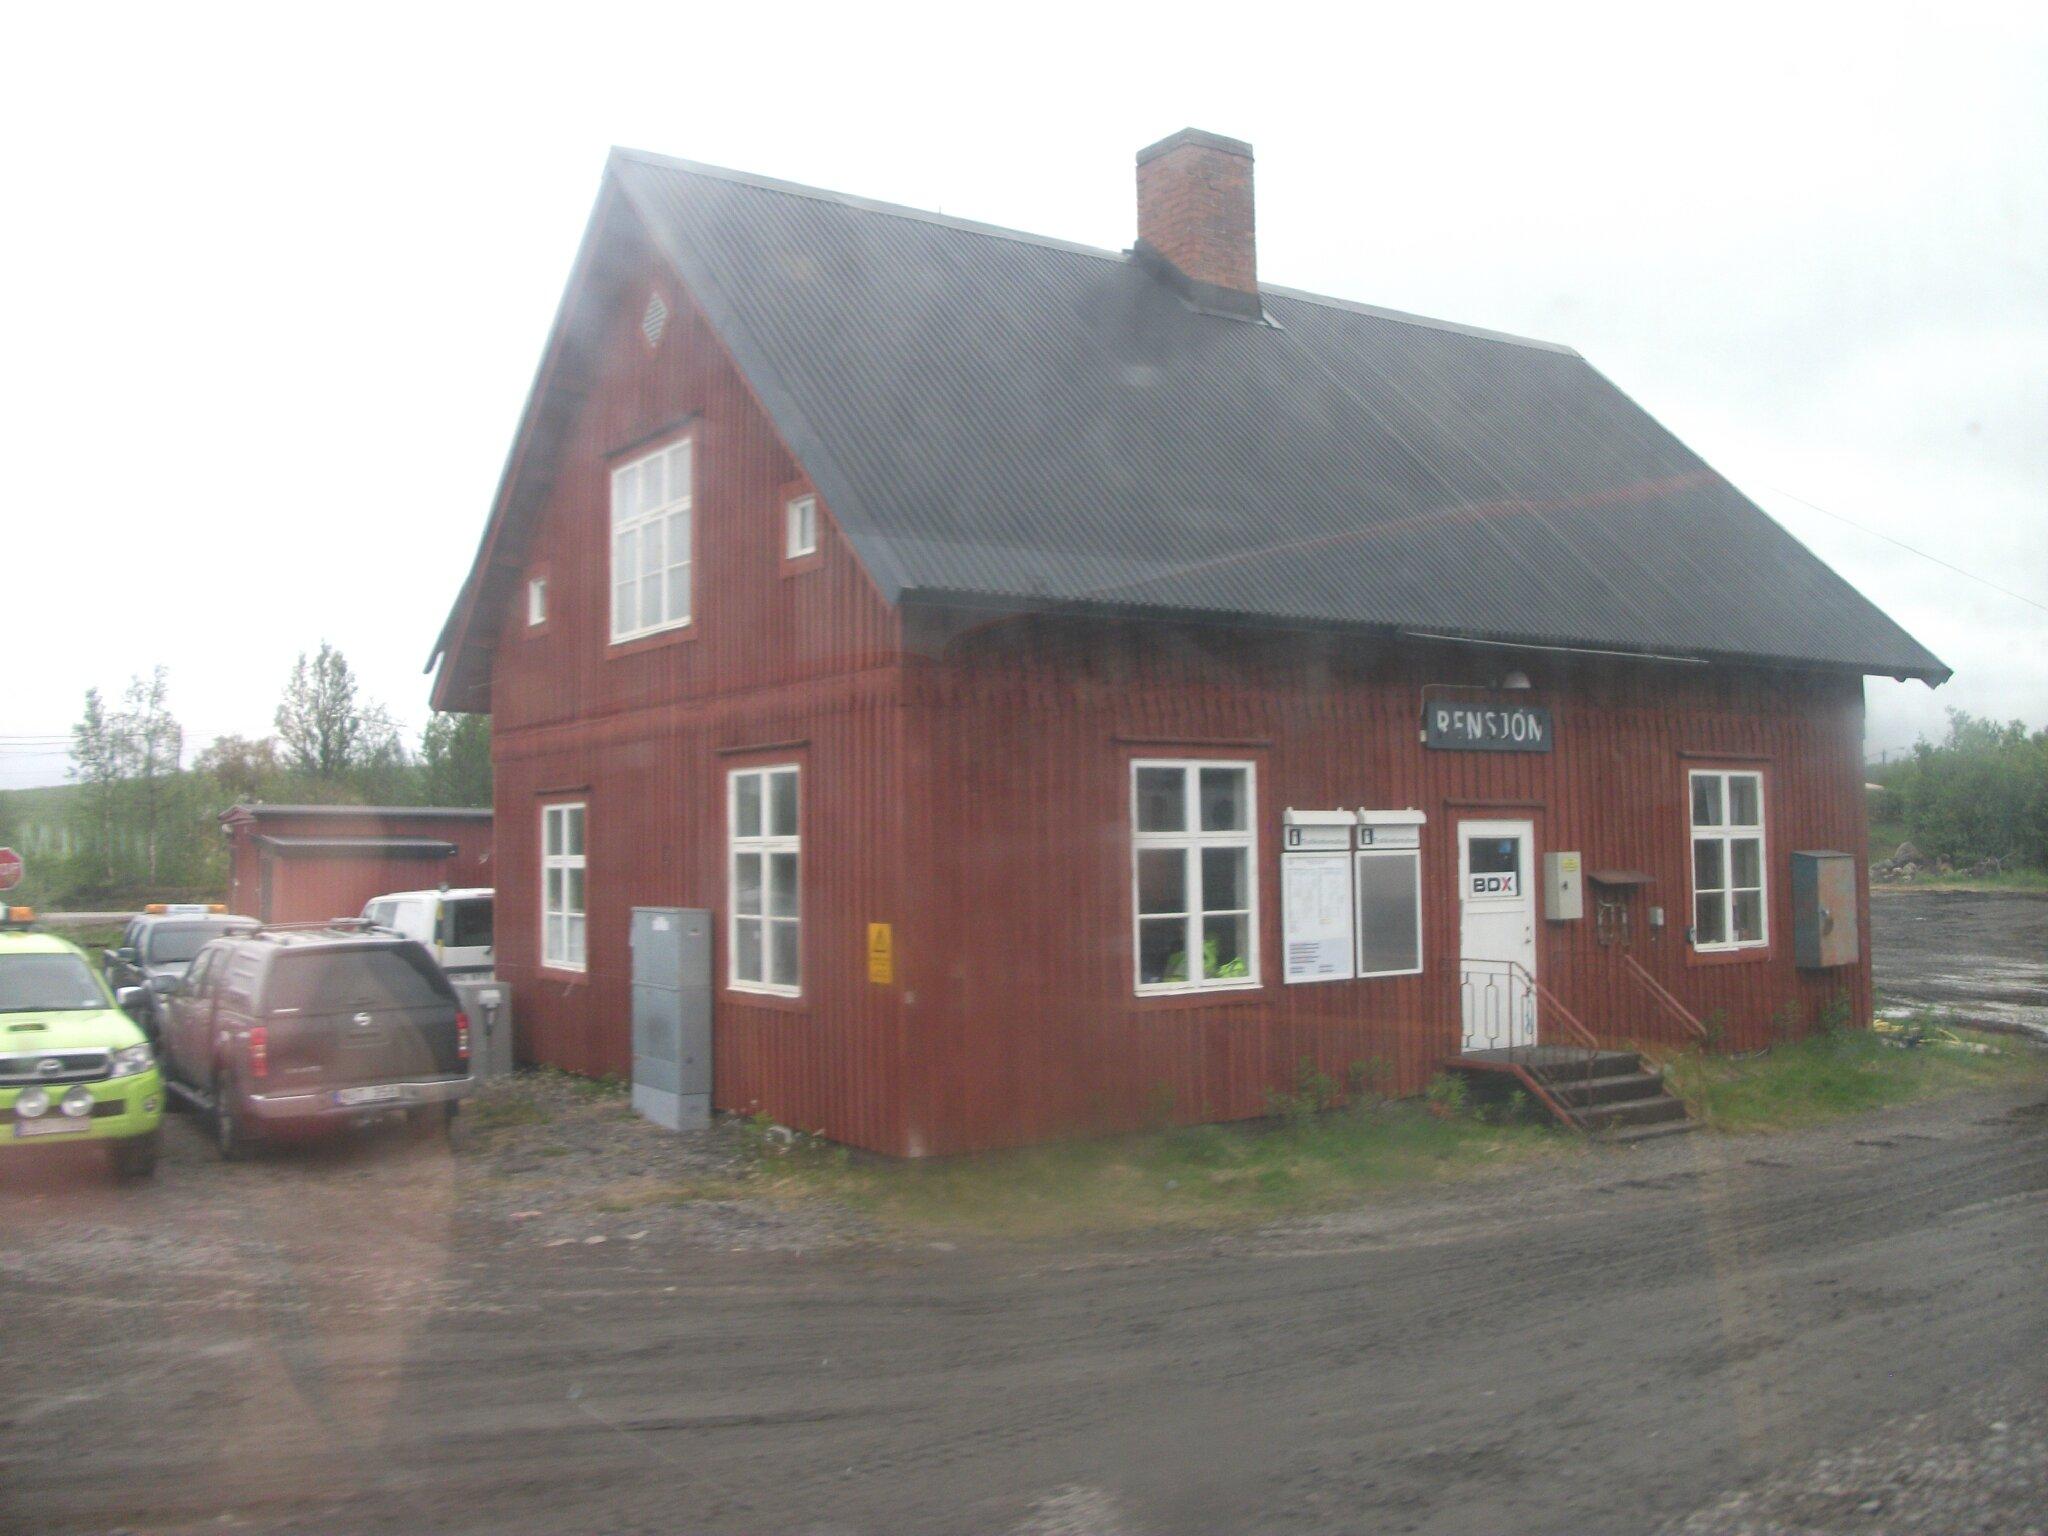 Rensjön (Suède)